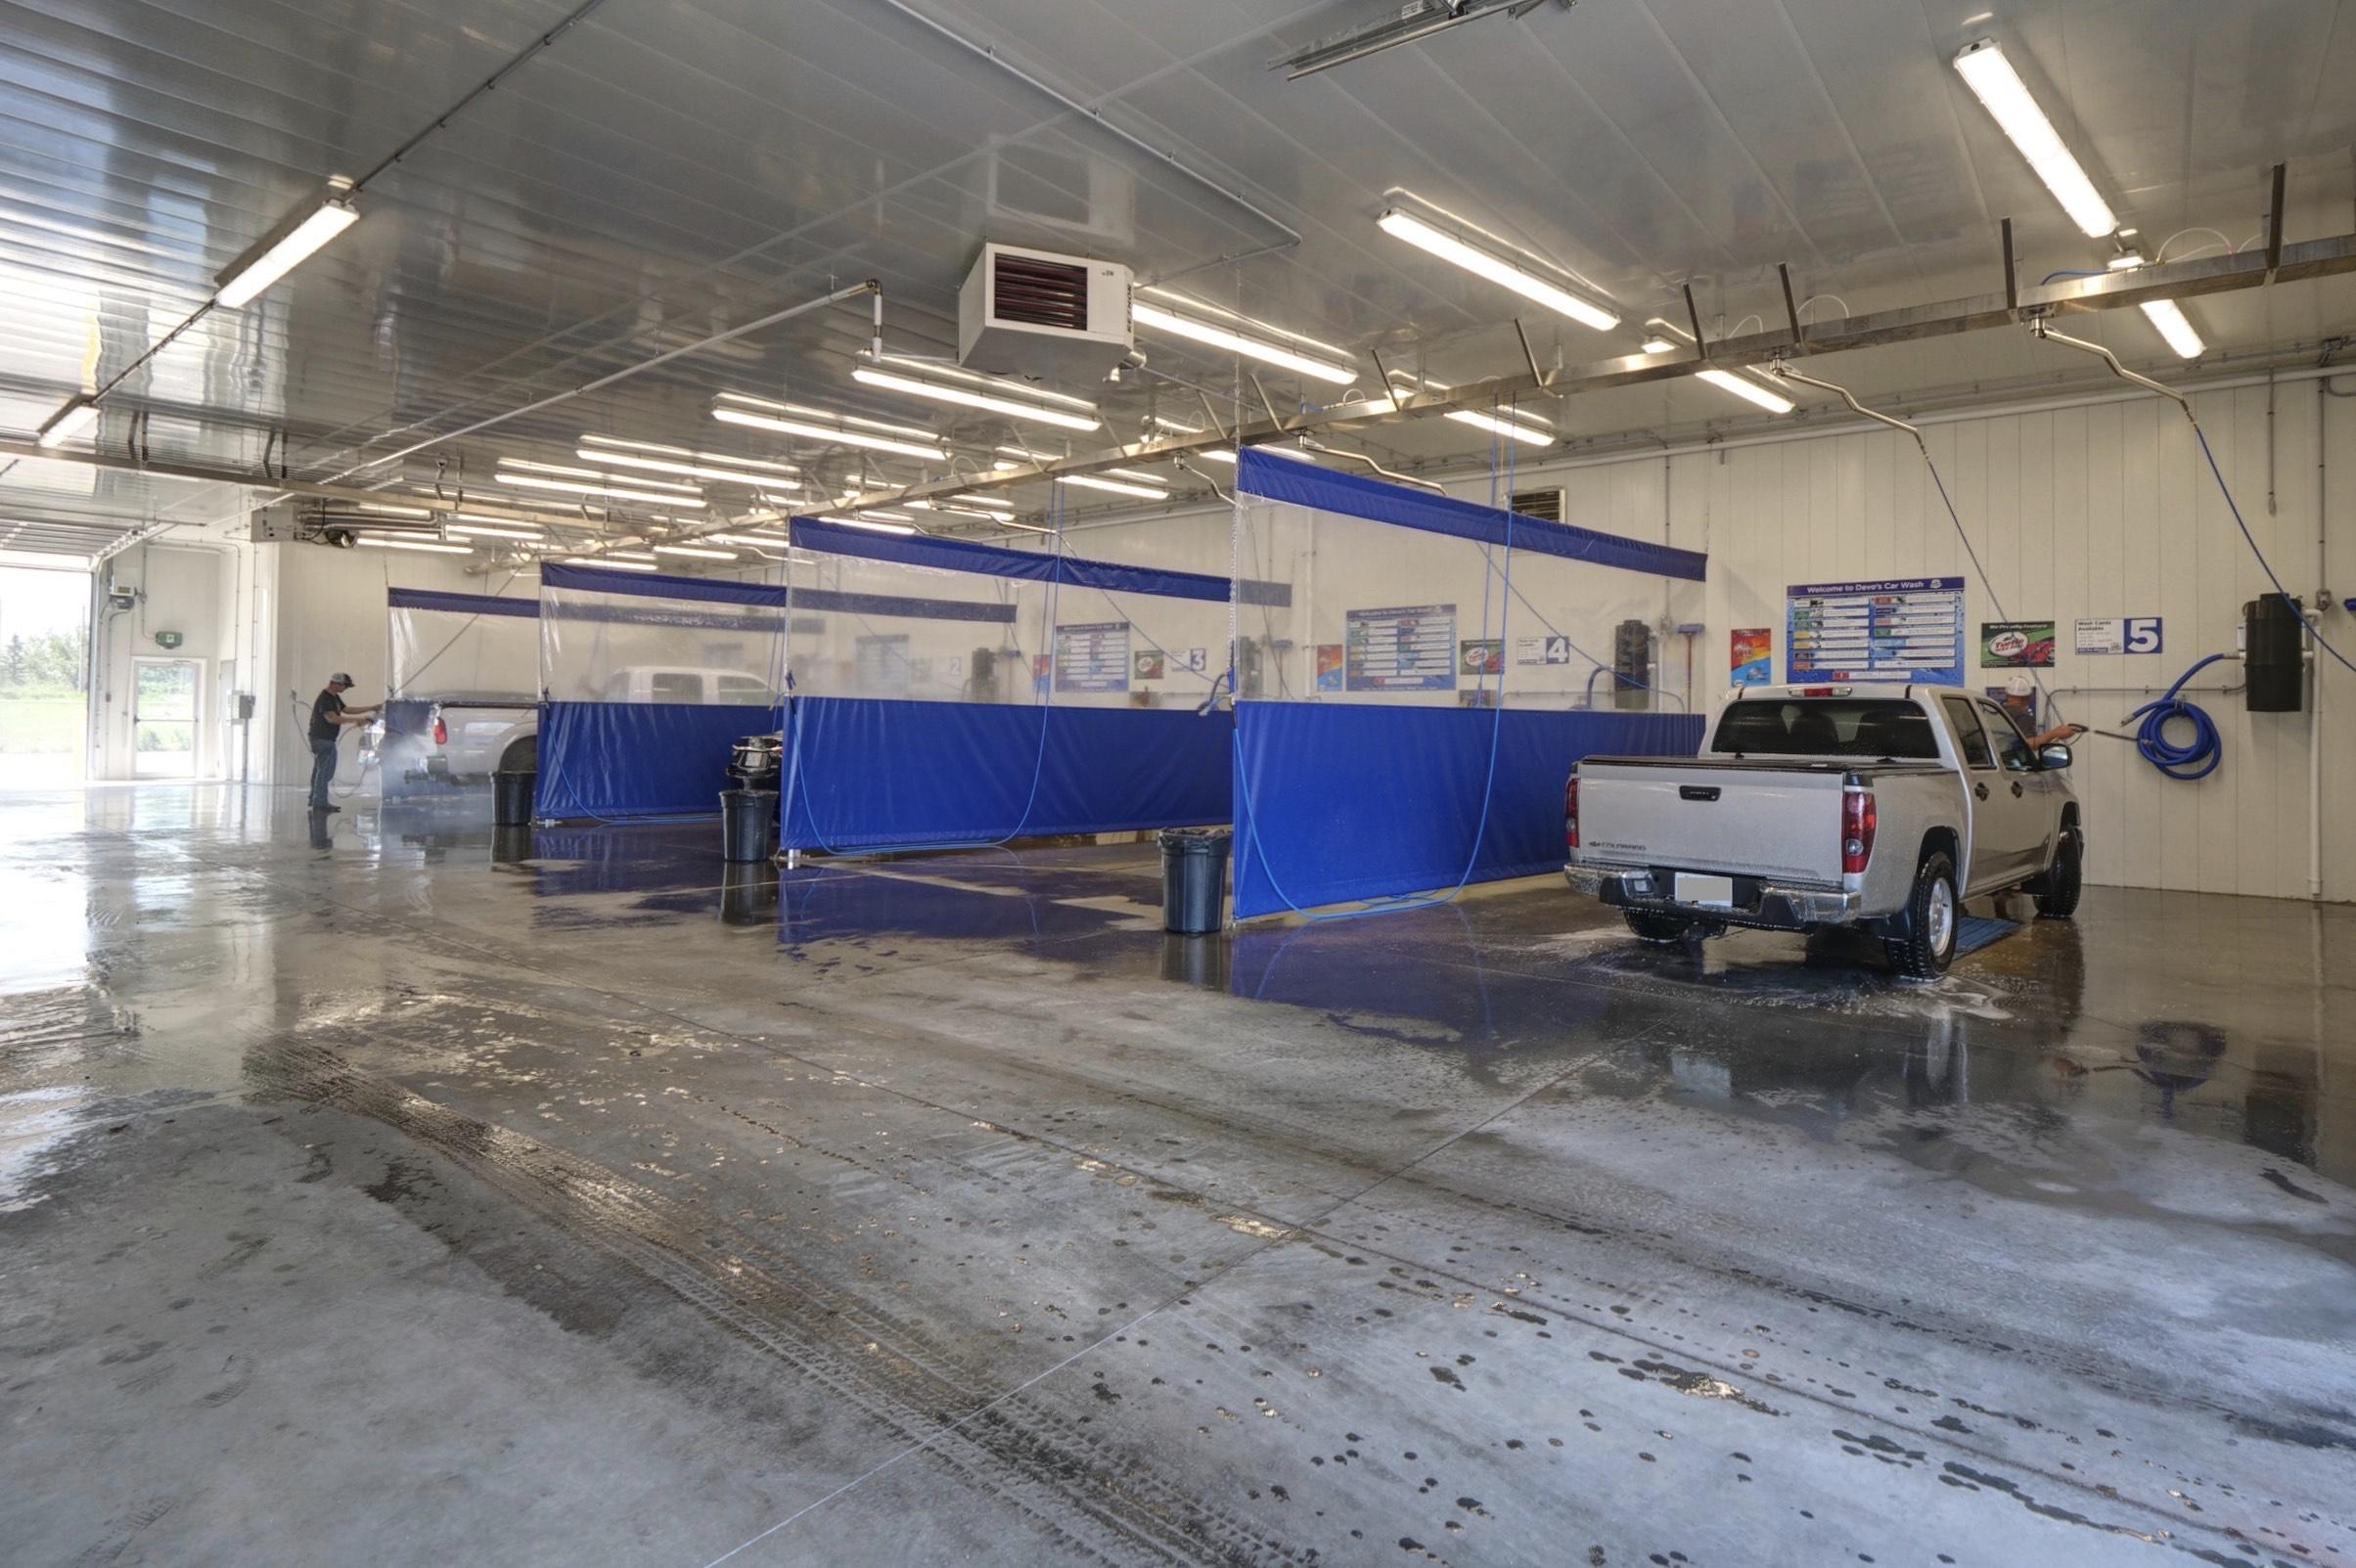 Car wash bays